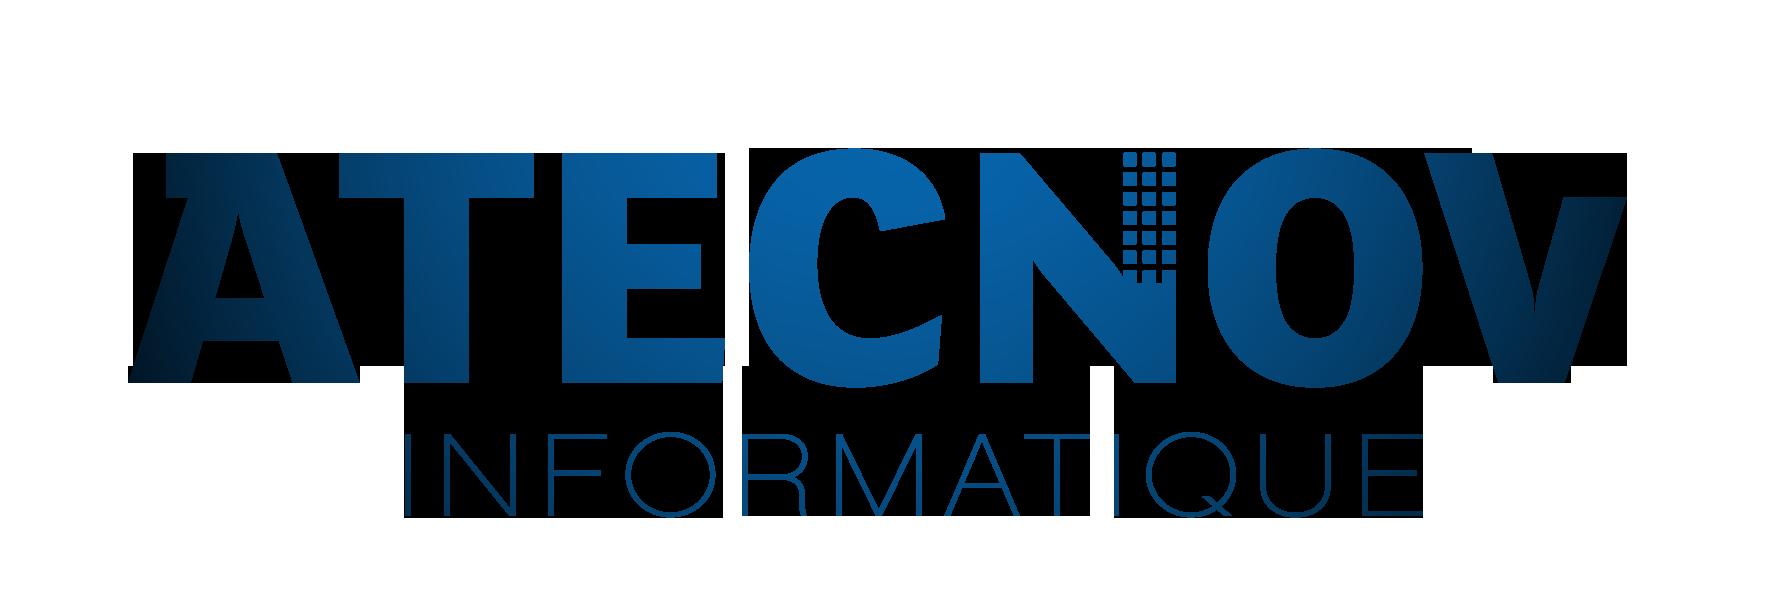 Agence Technologique Novatrice - ATECNOV